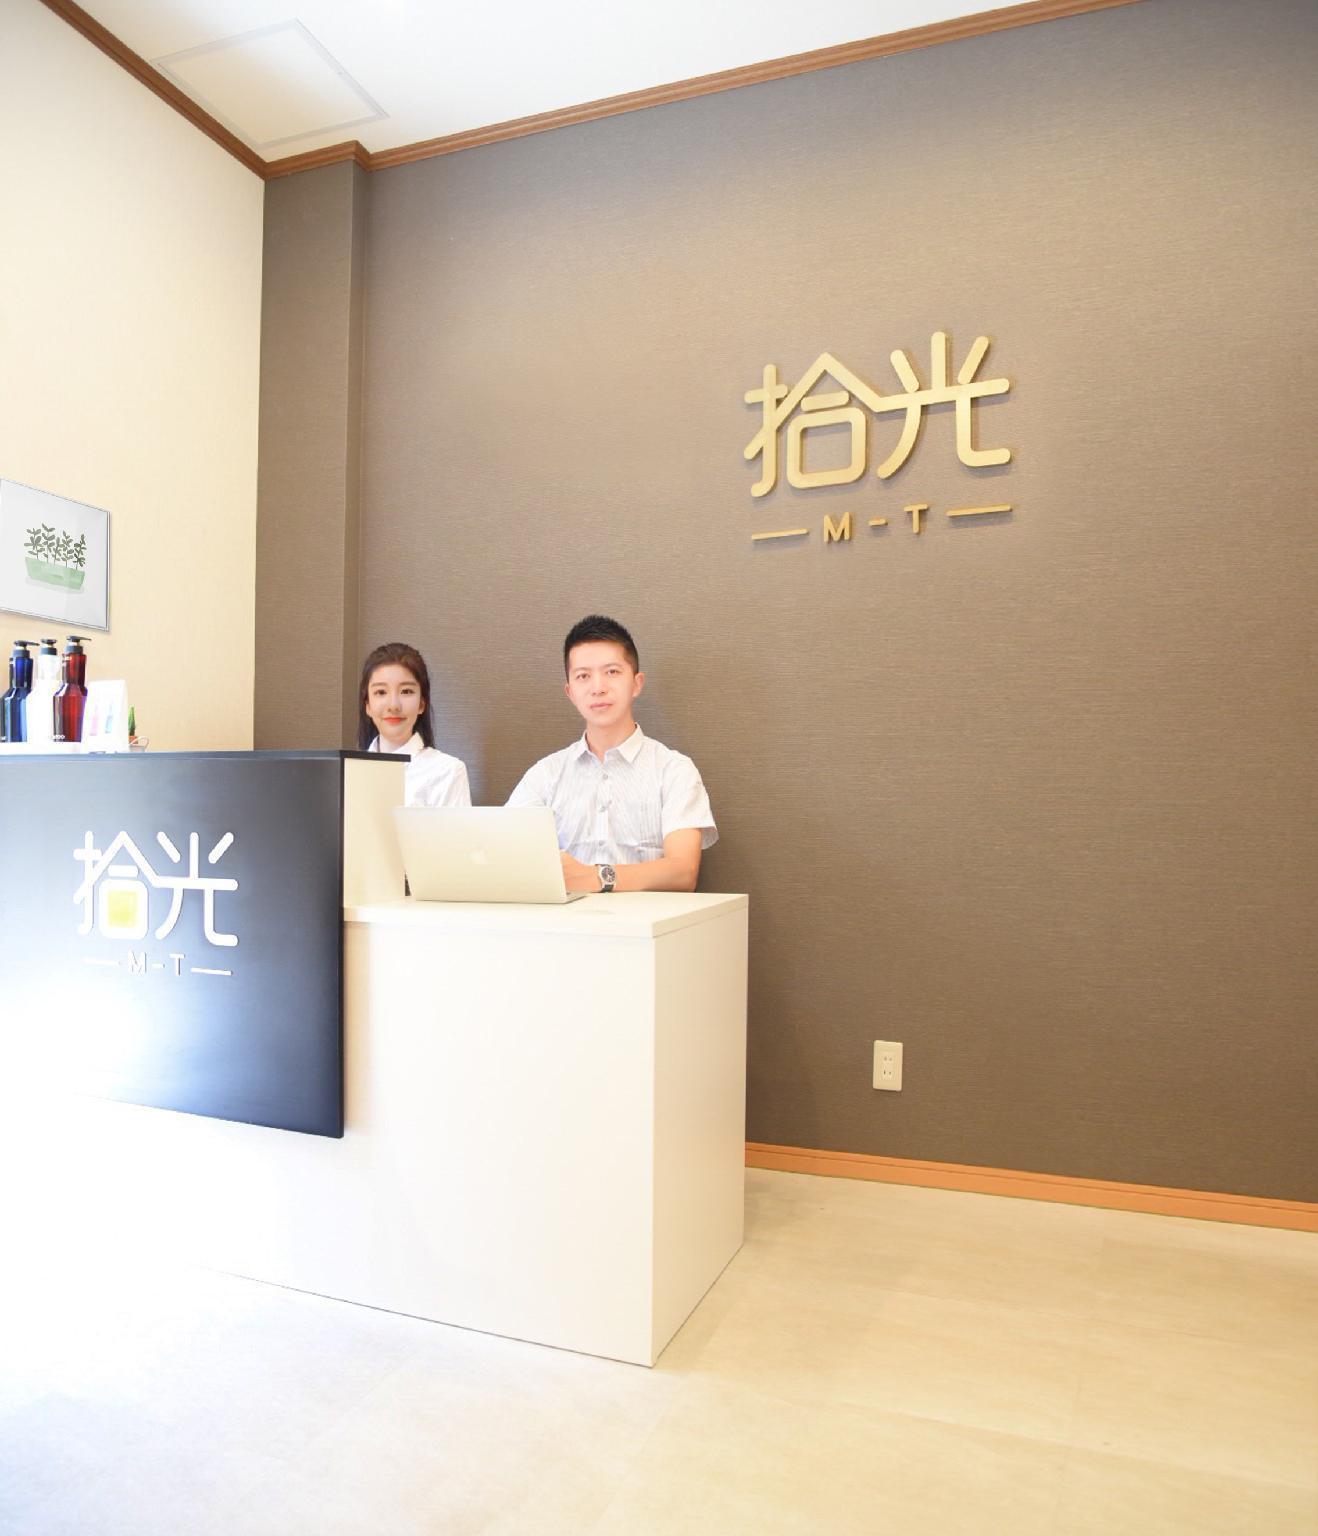 MT HOUSE OSAKA Apartment Shinsaibashi Tennoji Namba USJ Nihonbashi JR Umeda